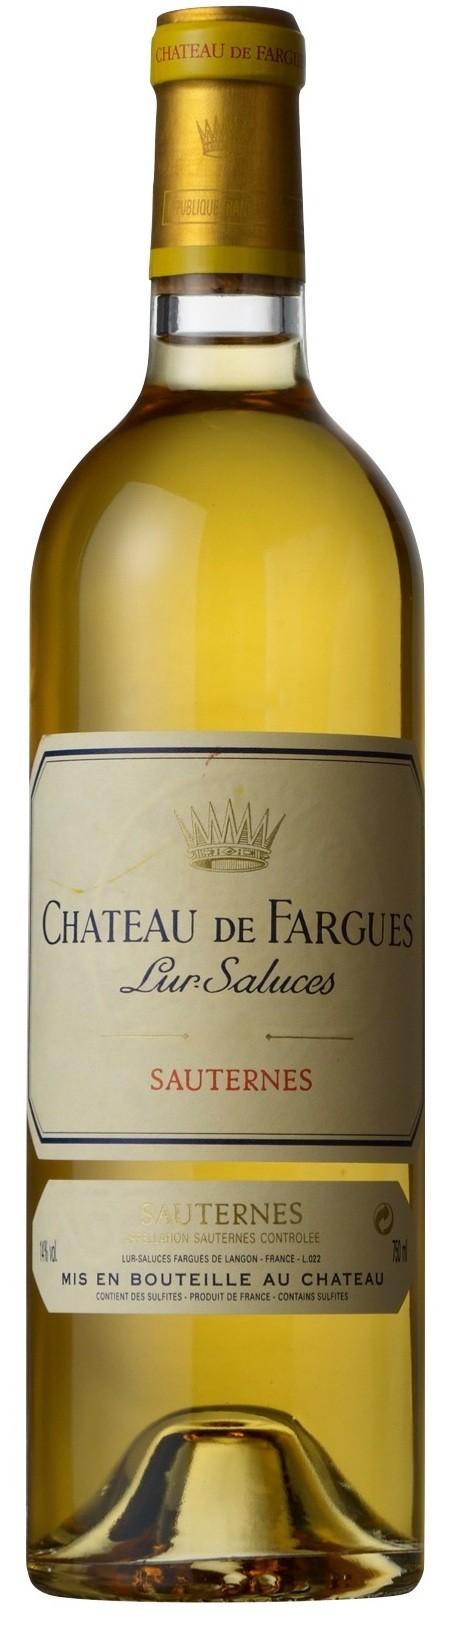 Château de Fargues Sauternes 2003